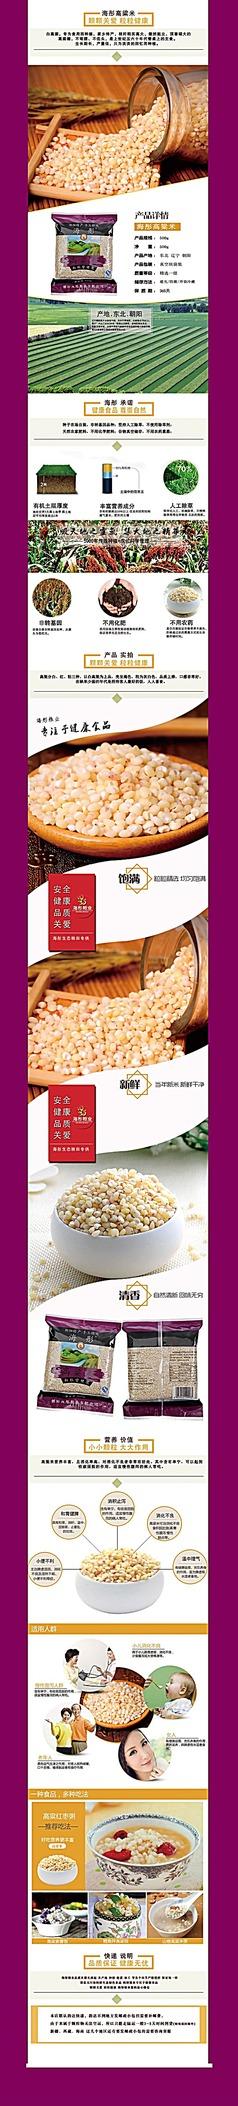 淘宝高粱米详情页图片下载